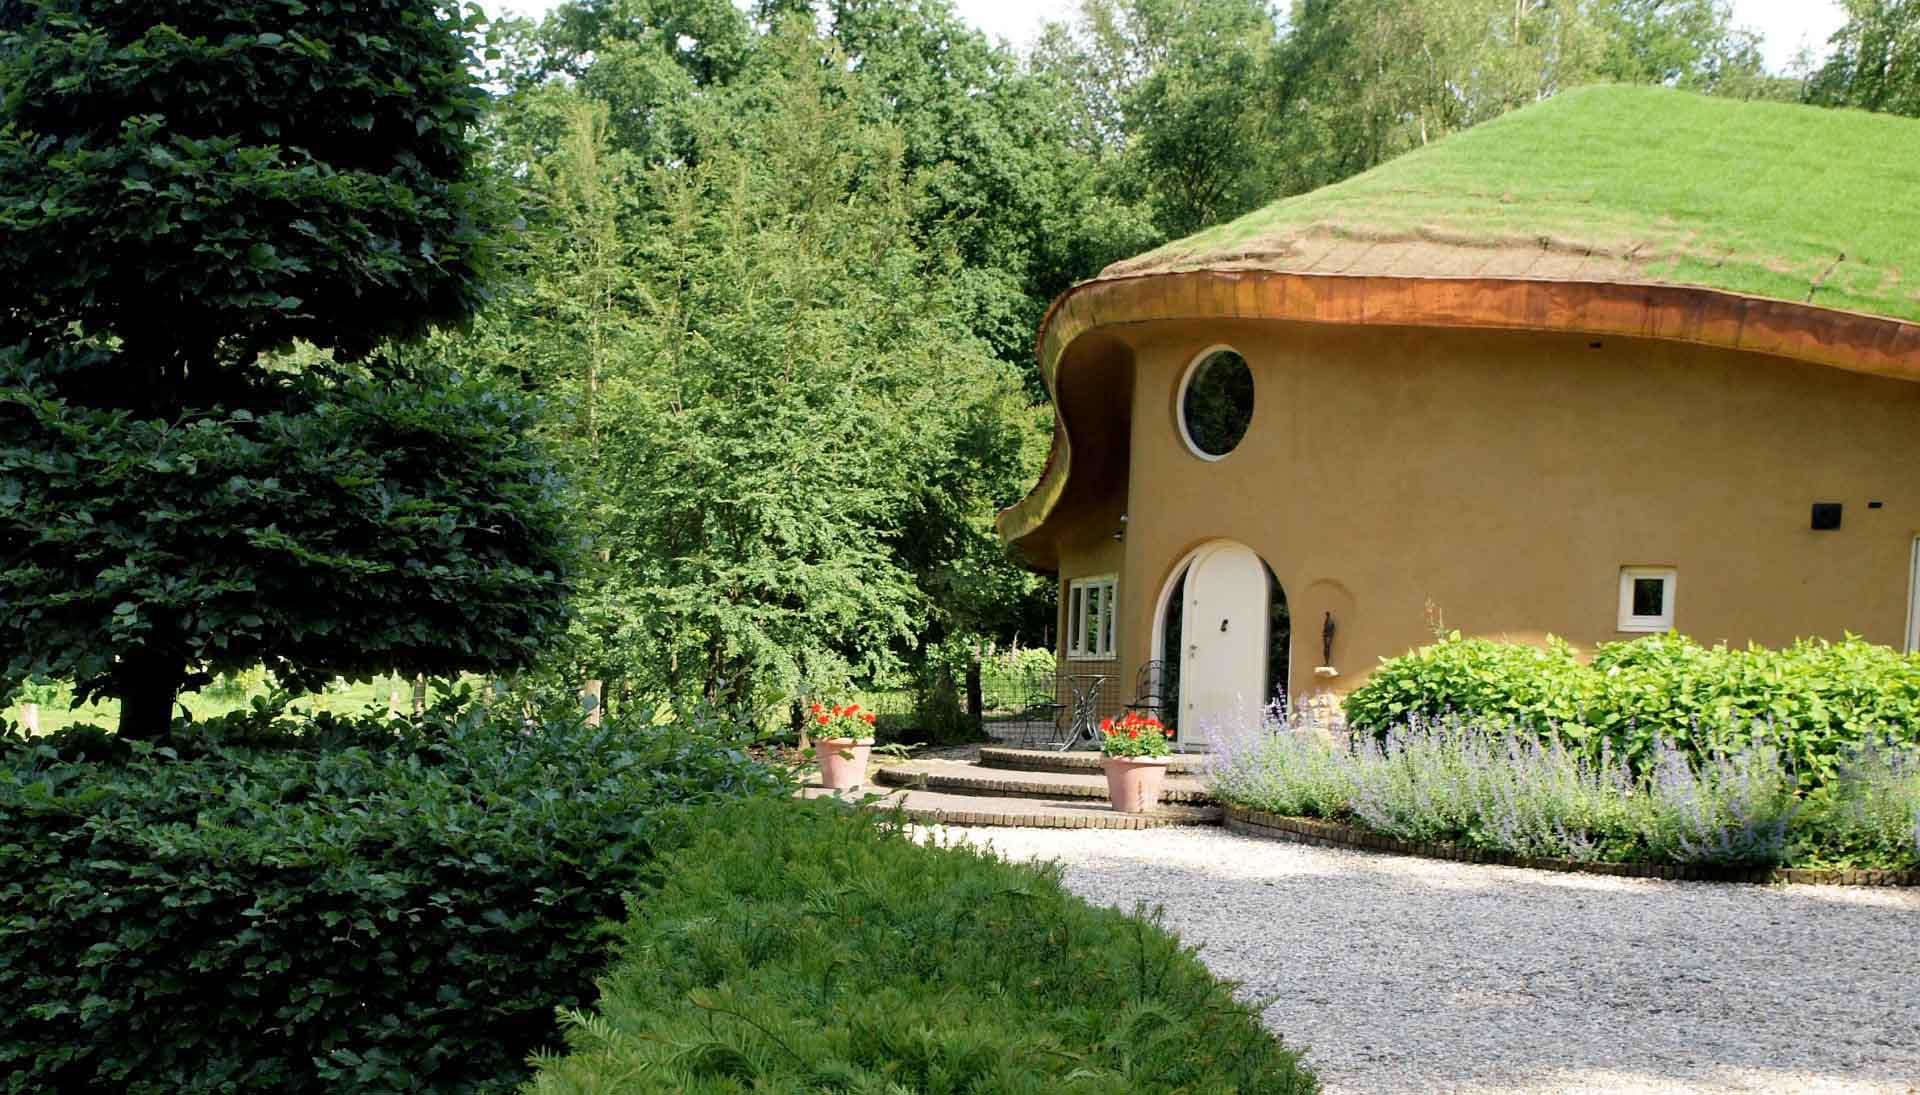 Tablinum Tijmes eco huis - organisch bouwen